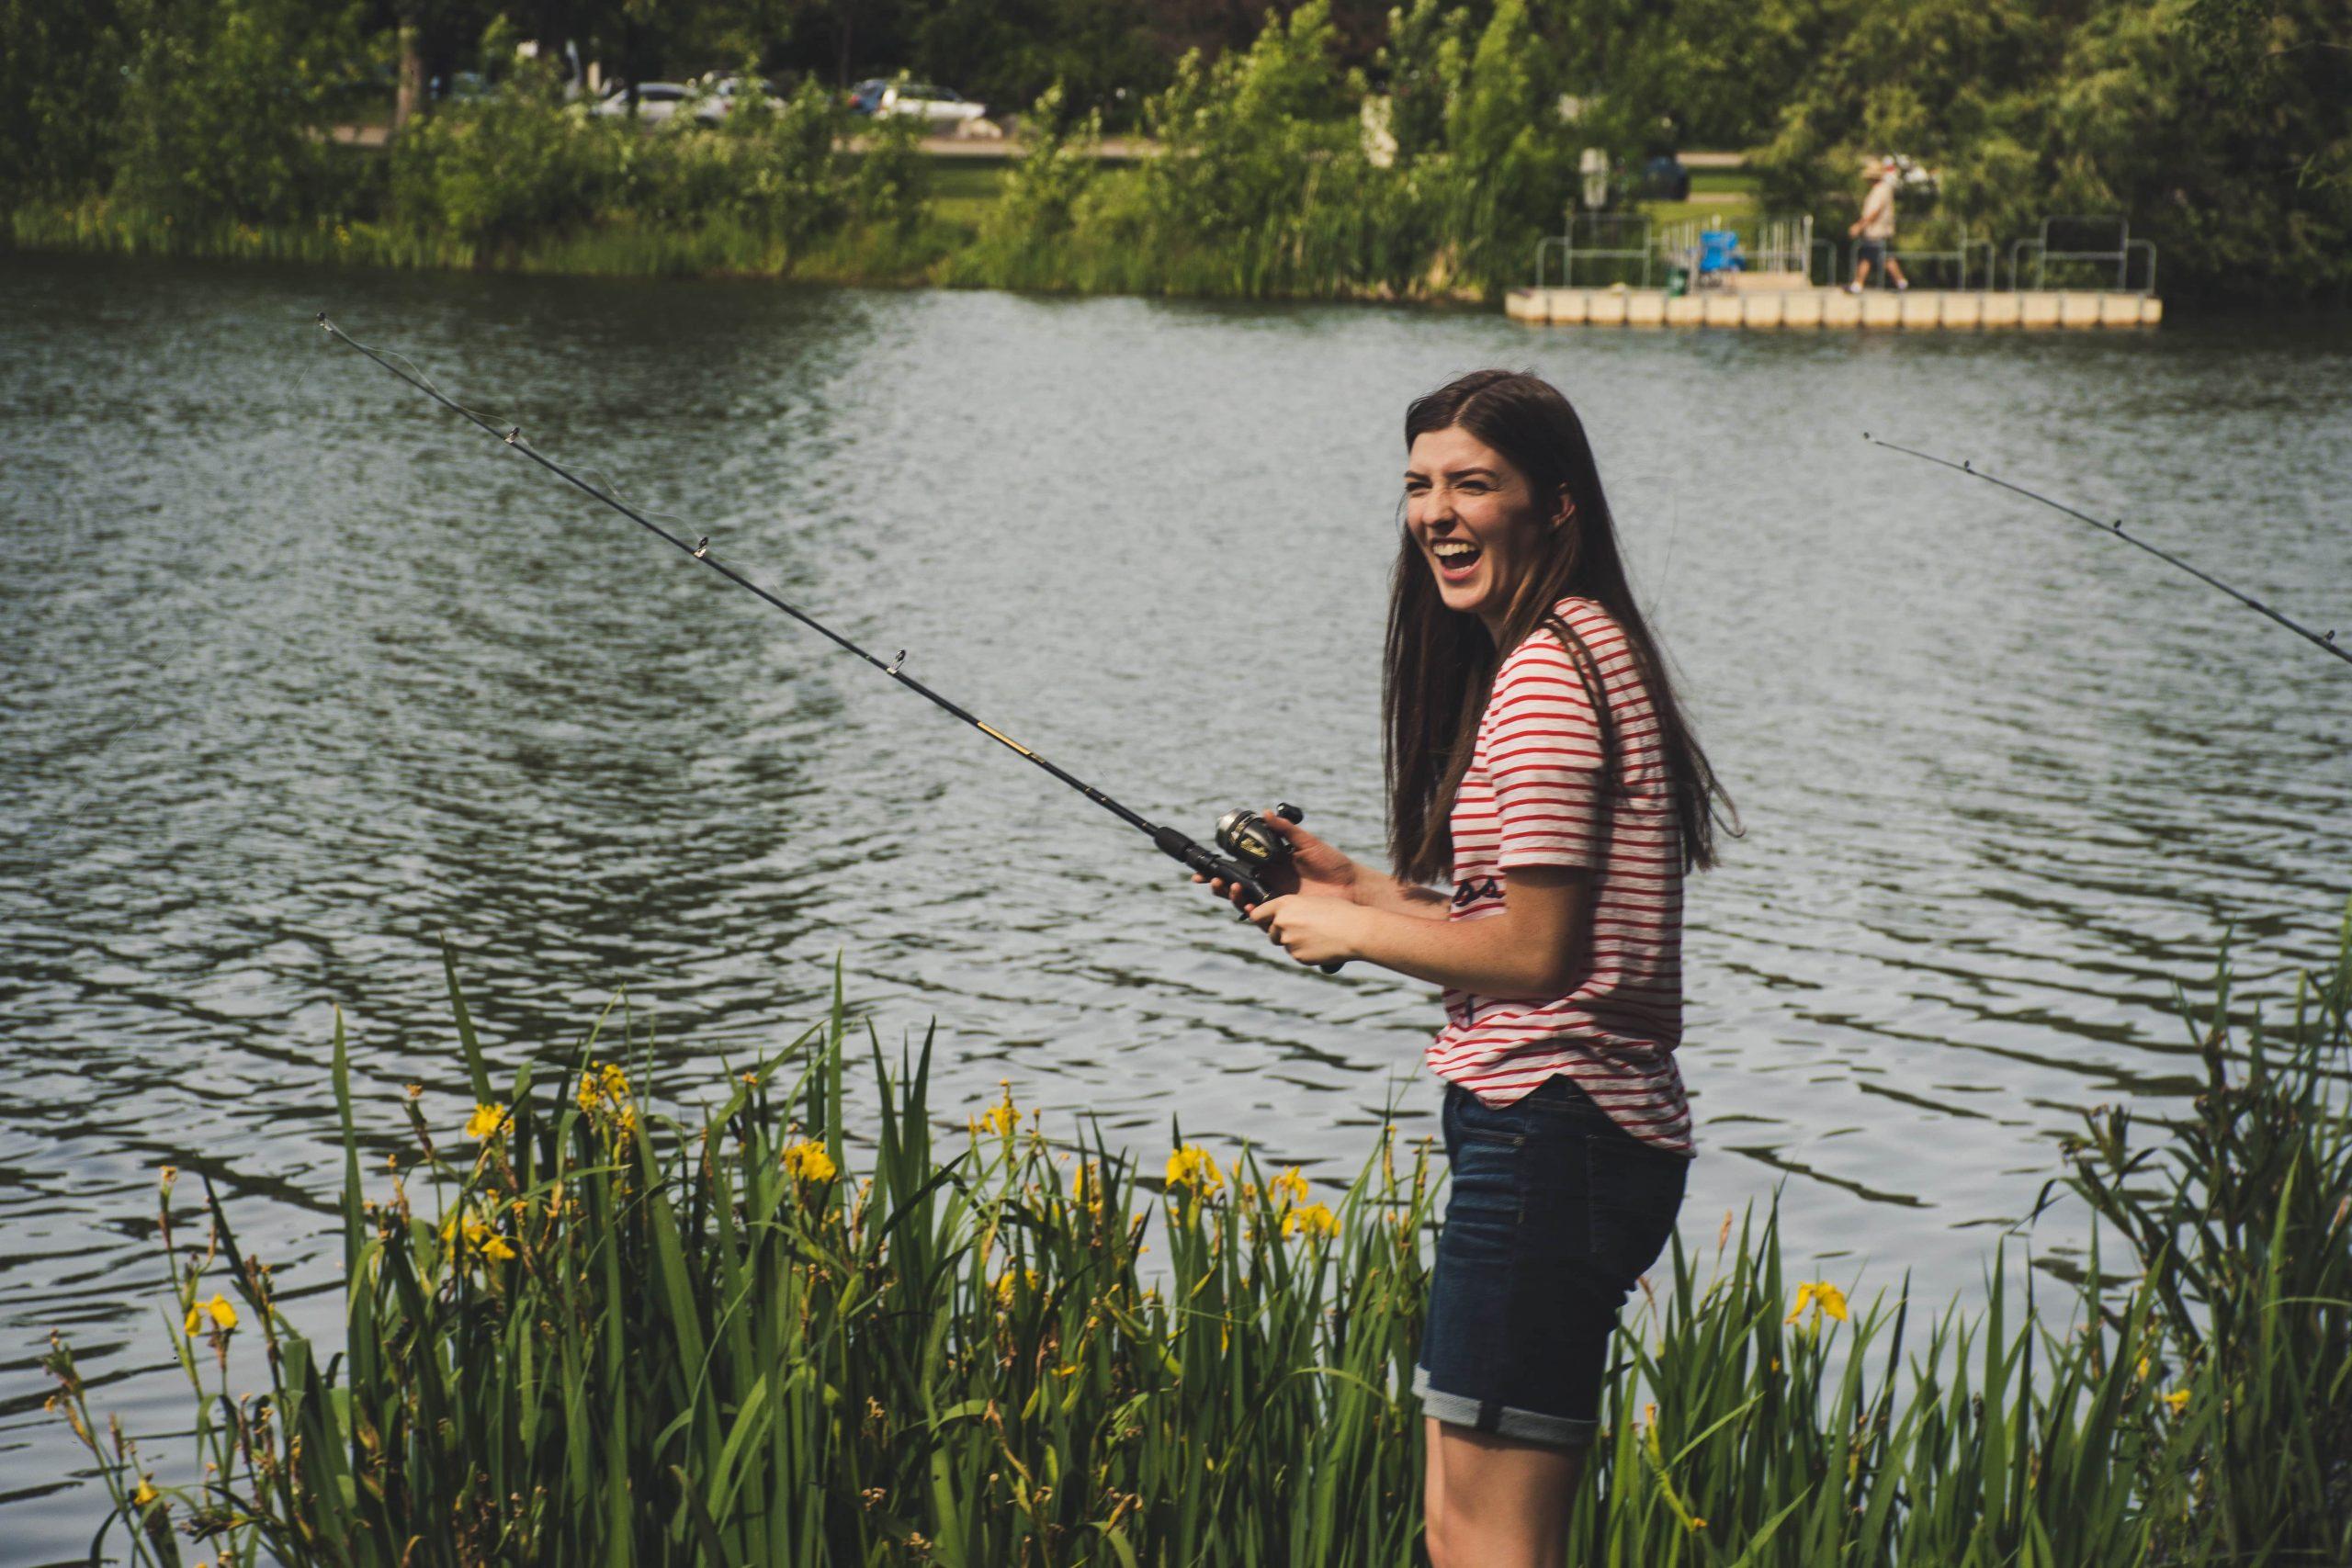 Image of a woman fishing at a lake.